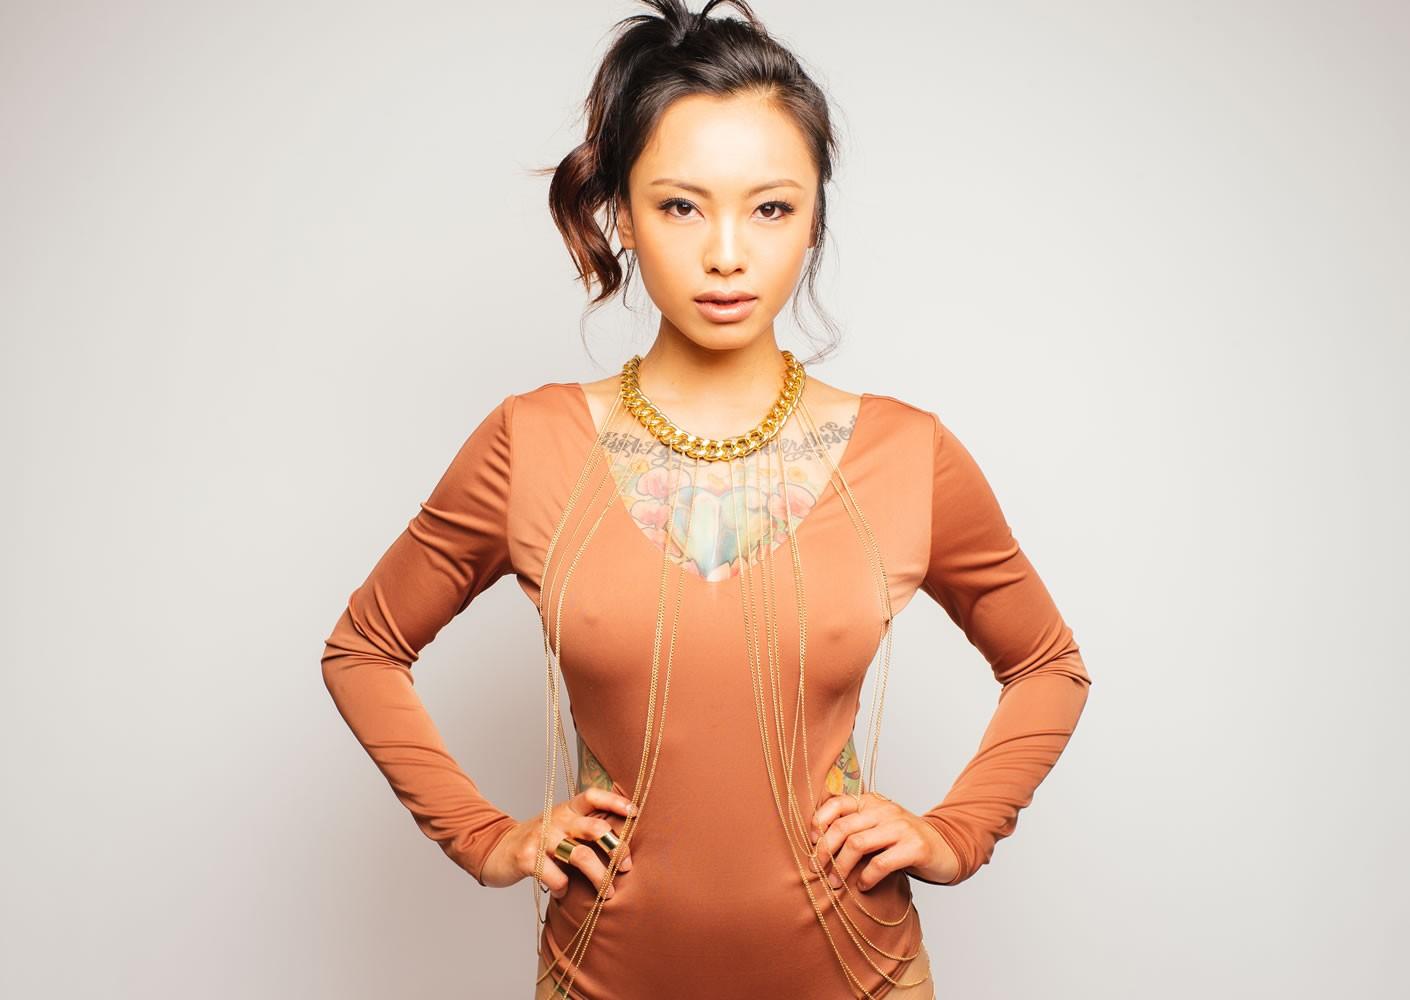 Hintergrundbilder : Modell-, asiatisch, Kleid, Mode, Kleidung, Levy ...